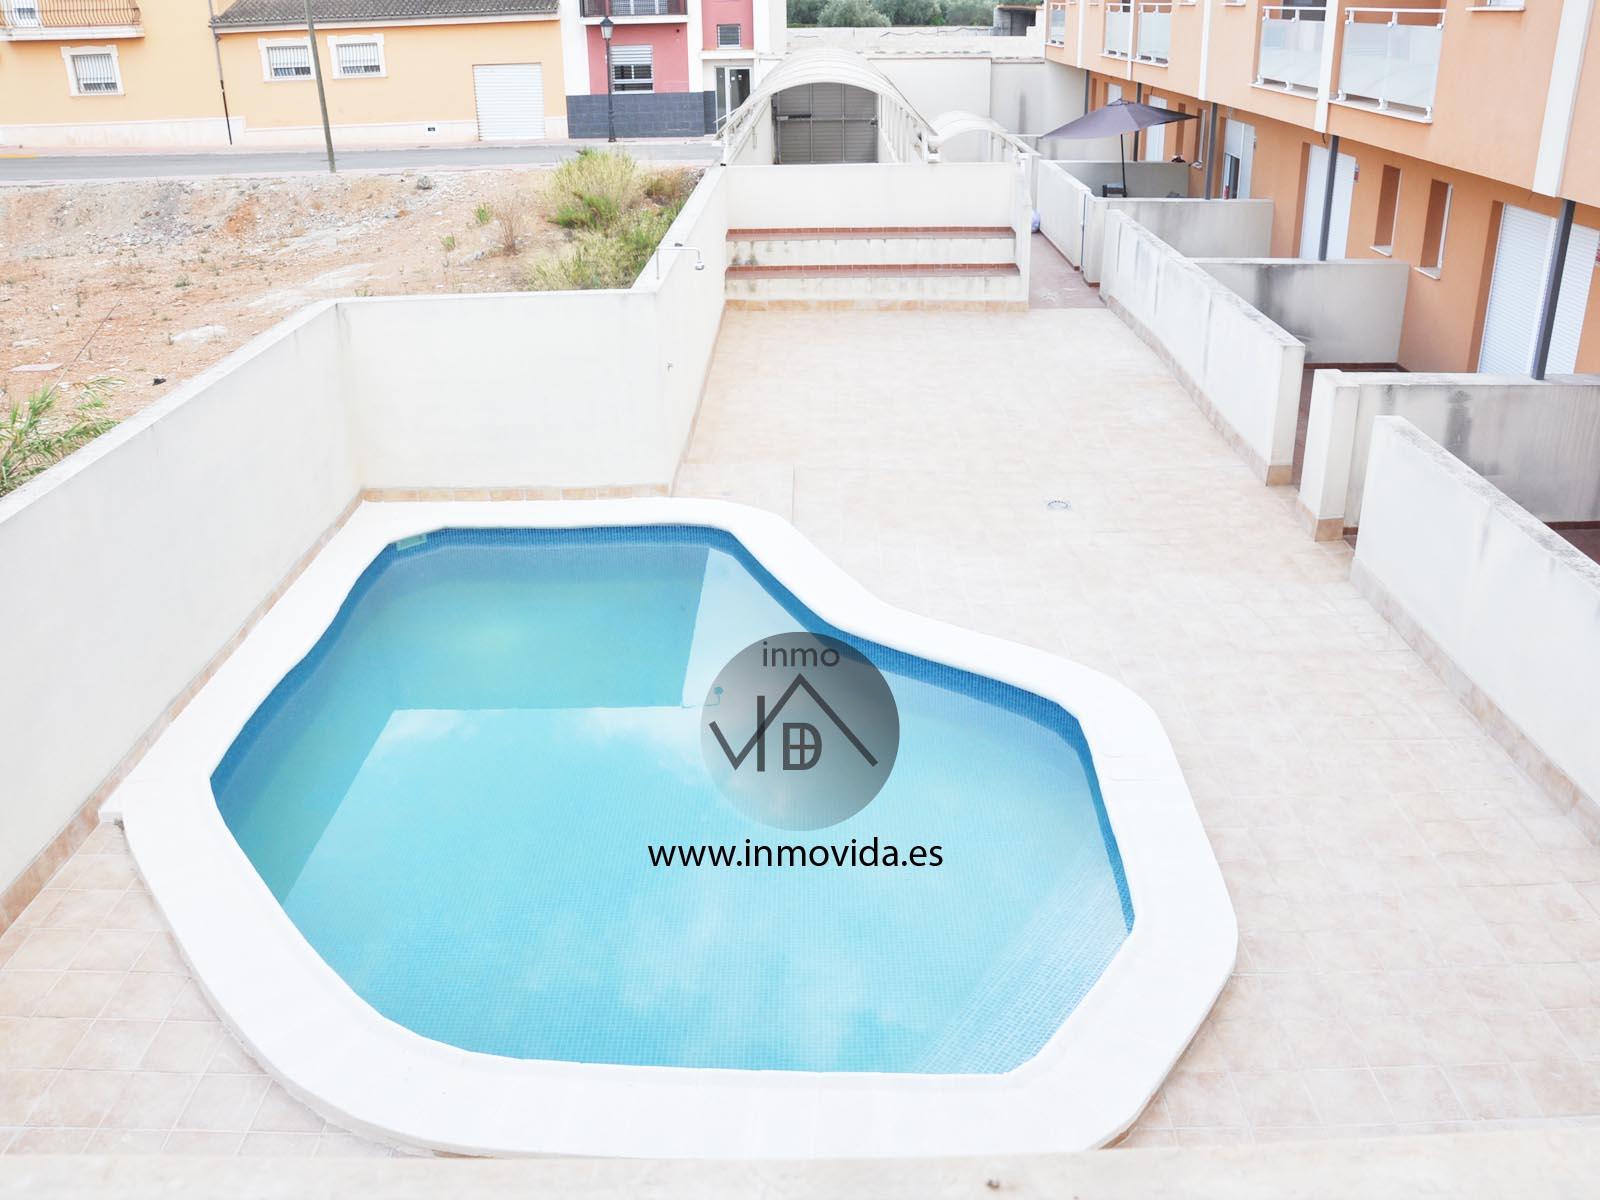 Casa con piscina inmobiliaria en xativa y valencia for Apartamentos con piscina en valencia